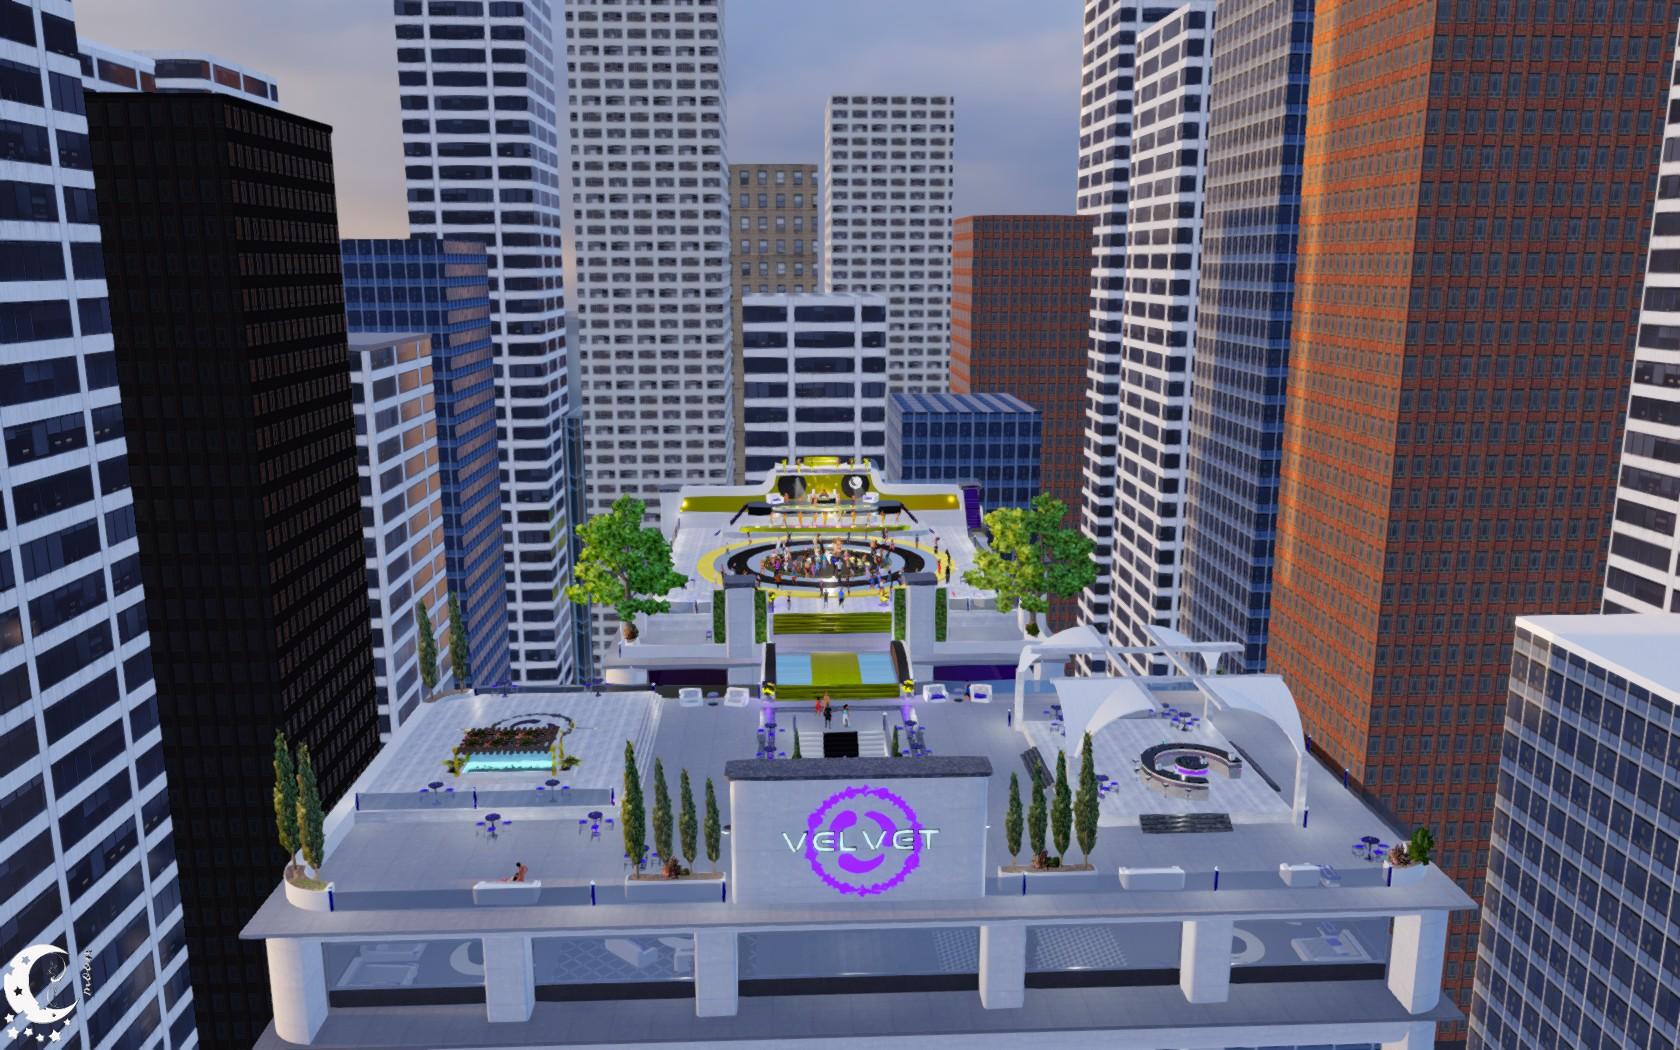 Velvet_Golde_Roof_1.jpg